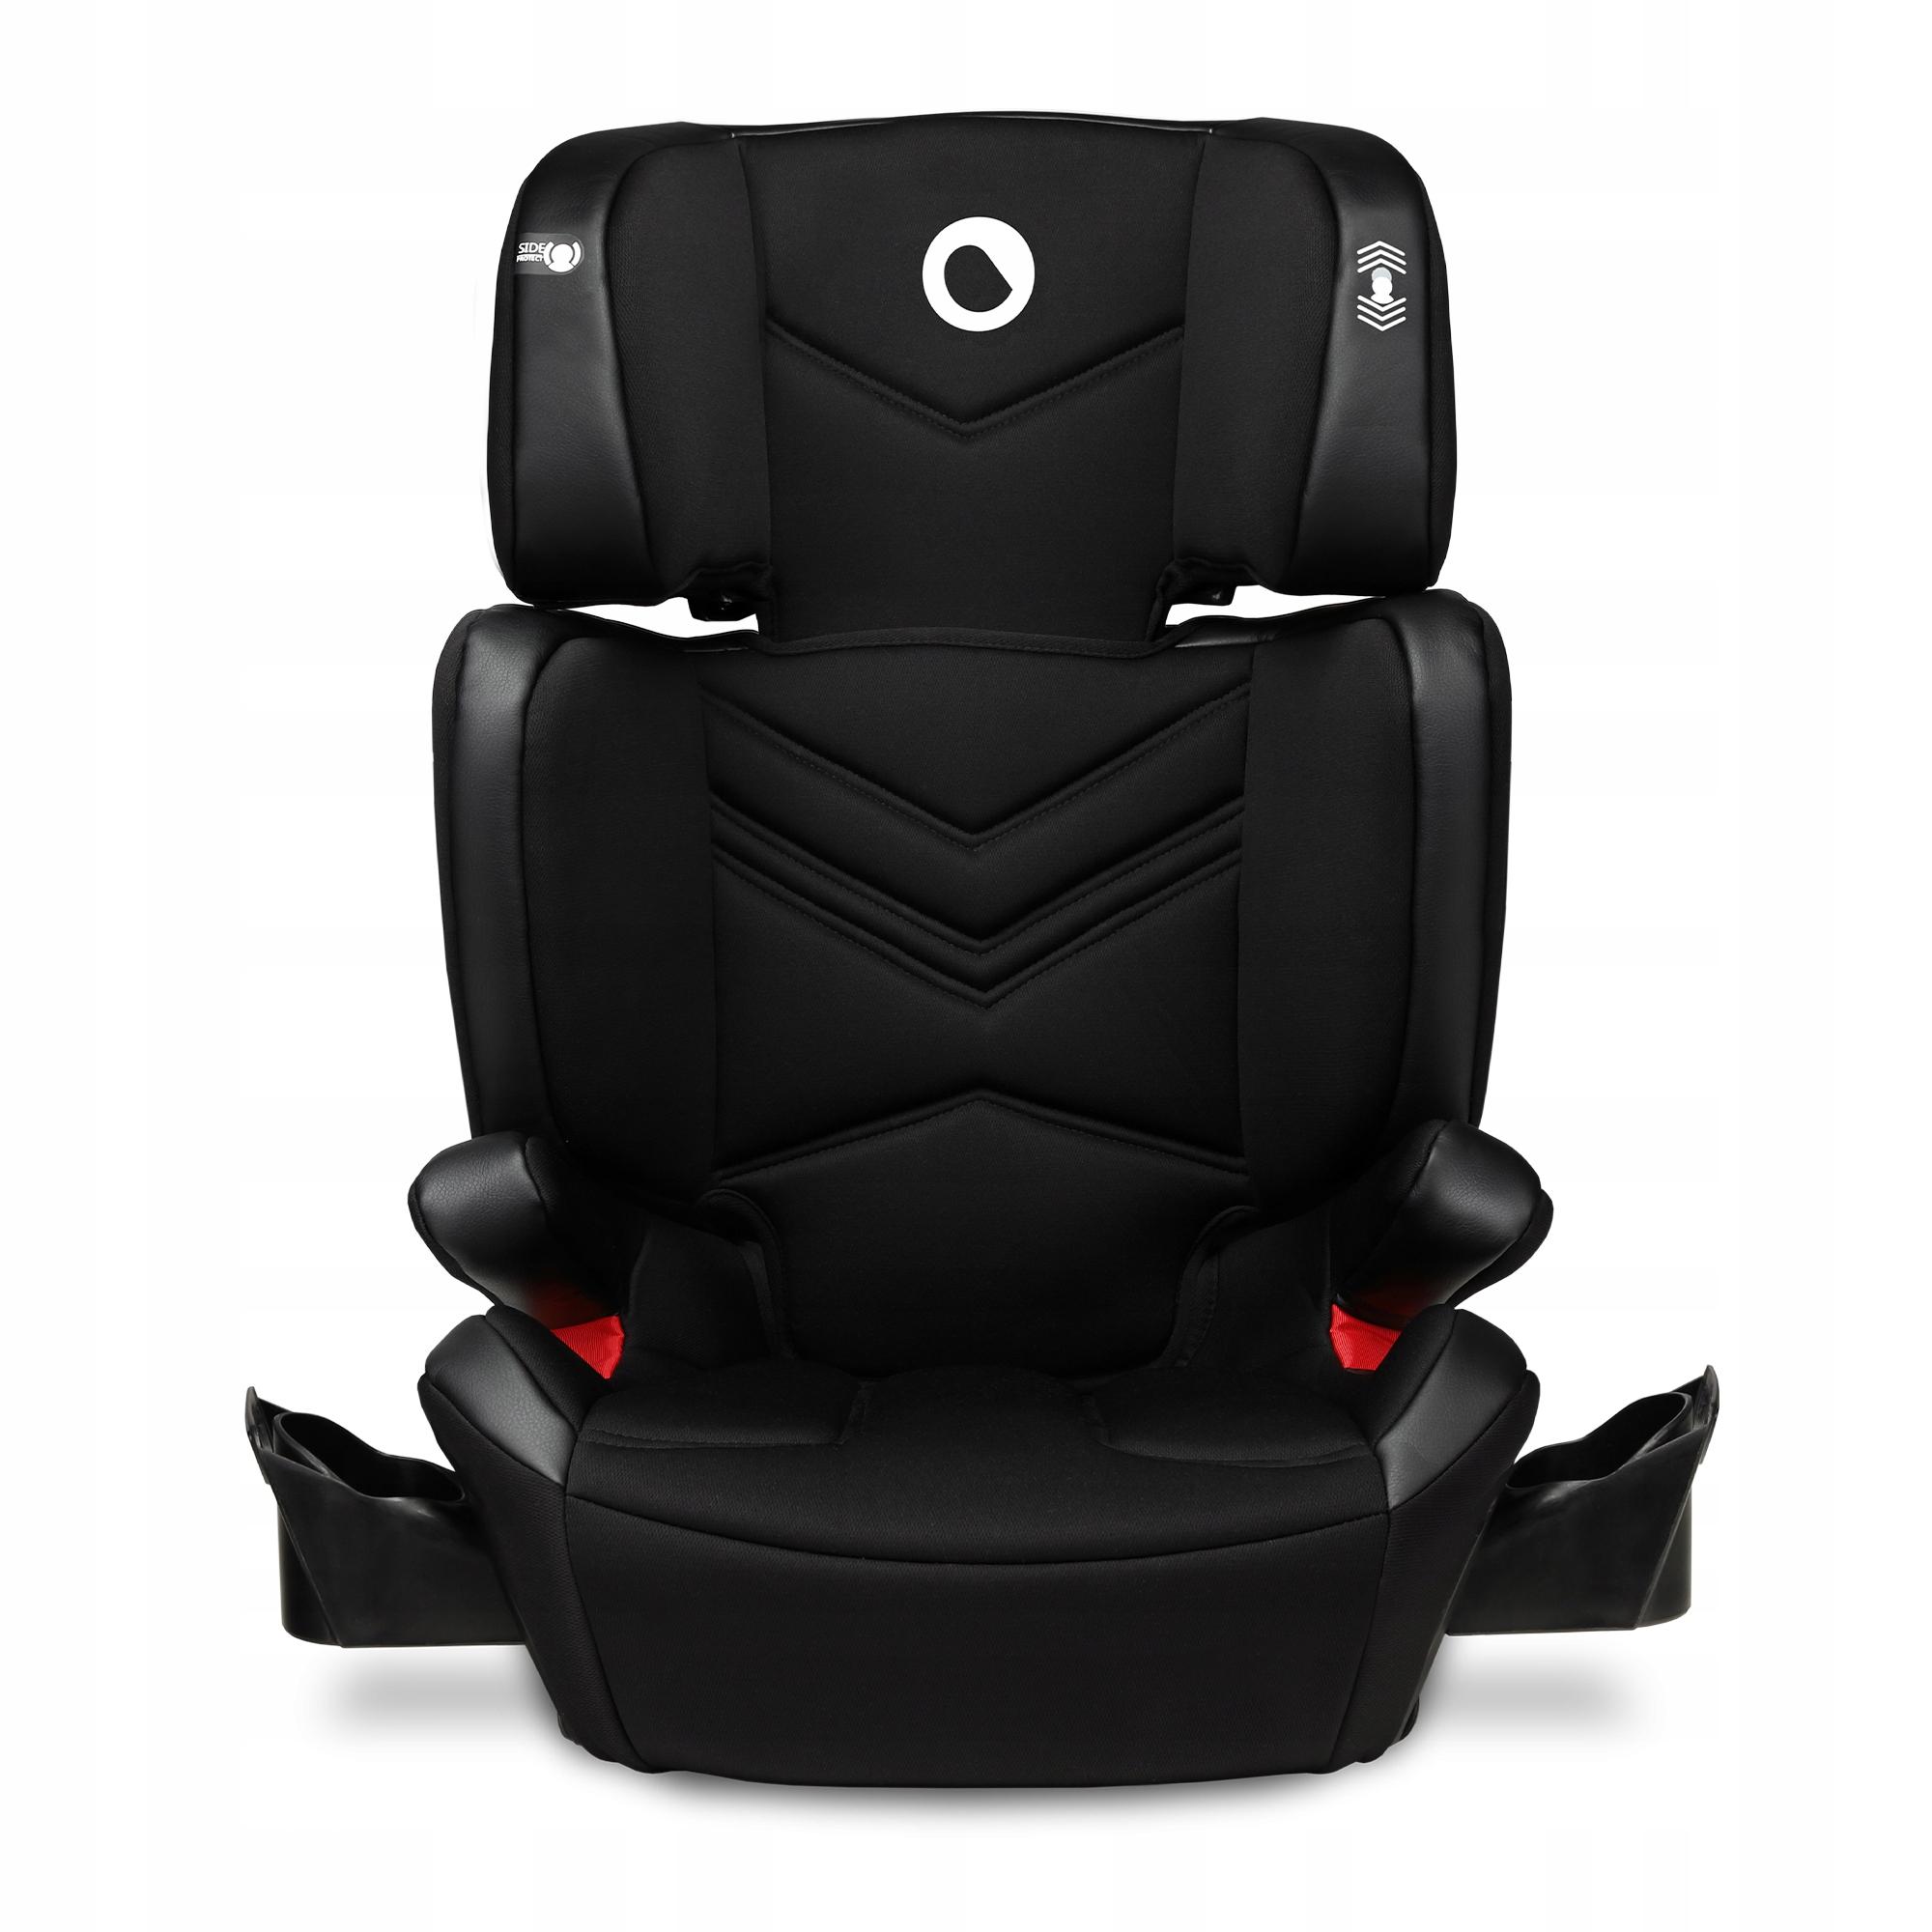 Fotelik-samochodowy-Lionelo-HUGO-ISOFIX-15-36-kg-Marka-Lionelo